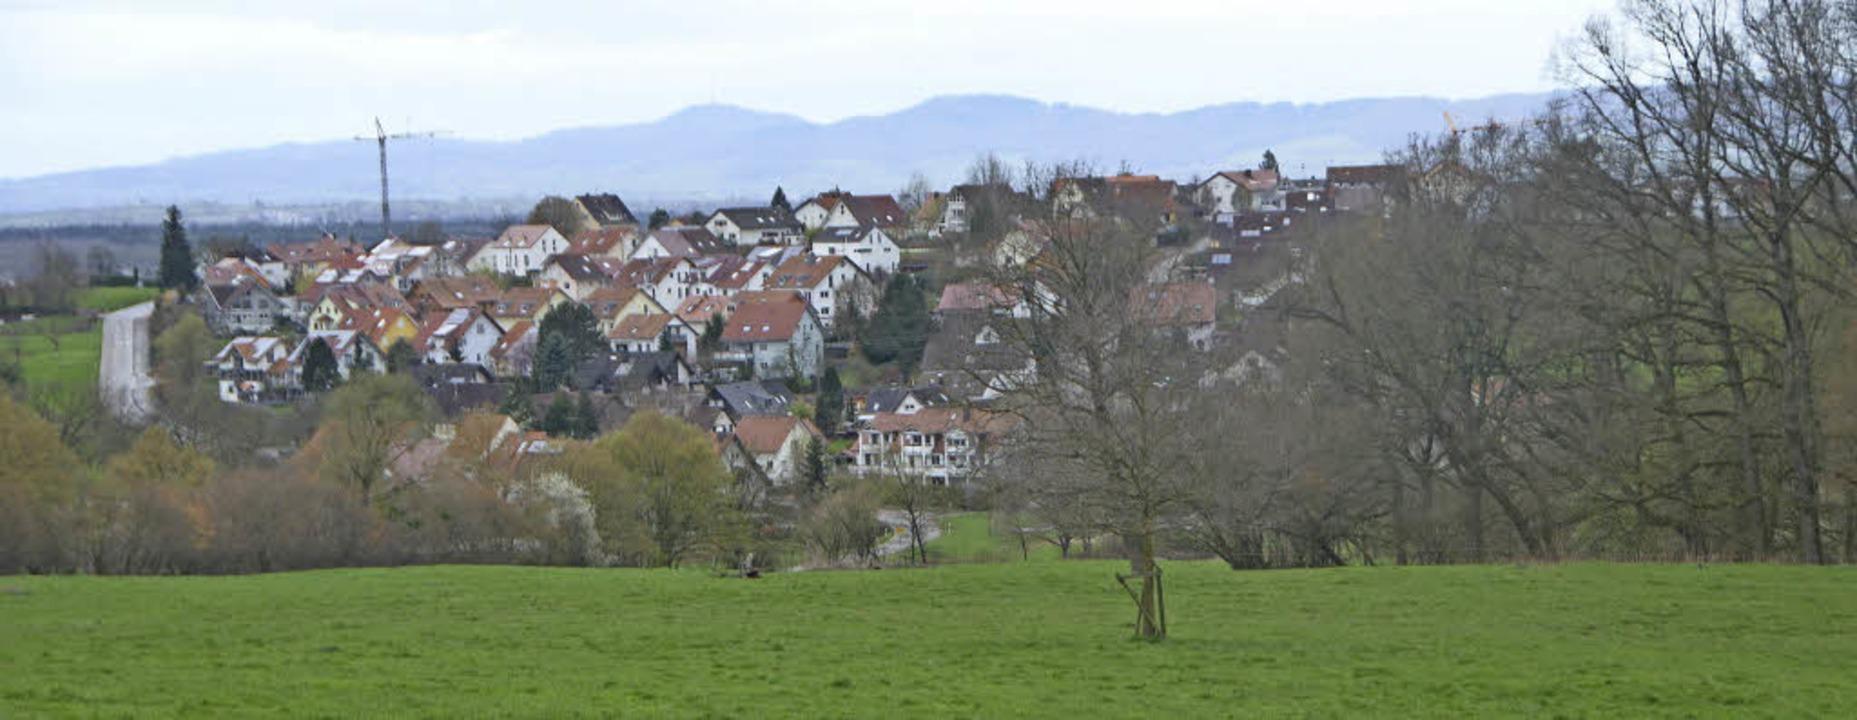 Gewachsene Ortschaft  im Grünen: Das B...chen Charakters von Windenreute  ein.   | Foto: Gerhard Walser